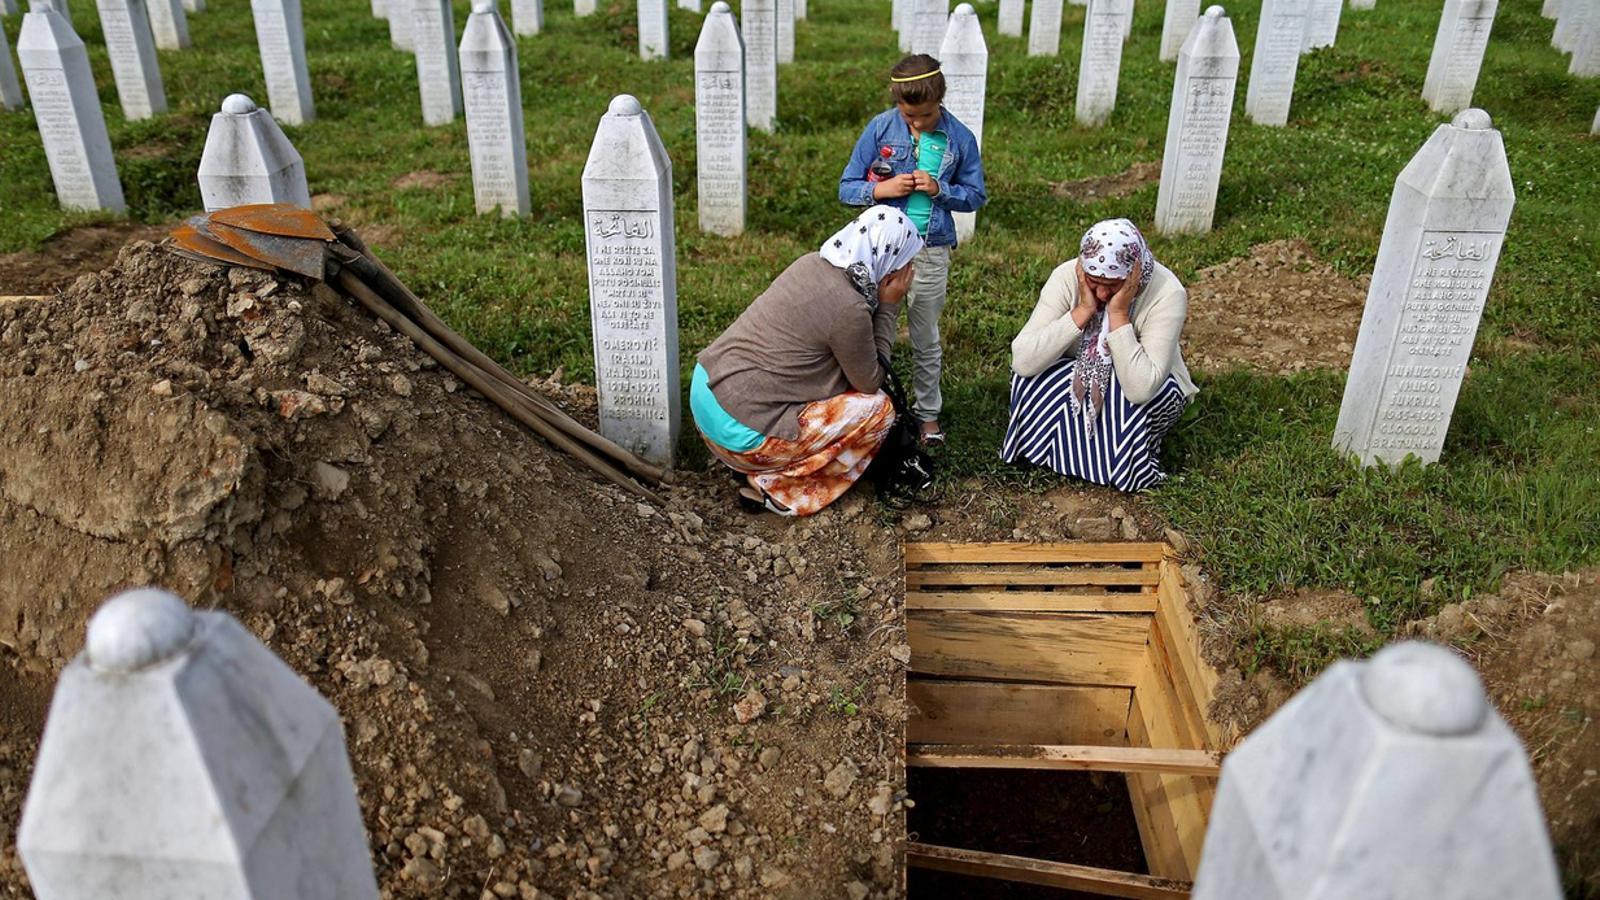 EUA, Regne Unit i França van entregar Srebrenica als serbis a canvi de l'acord de pau